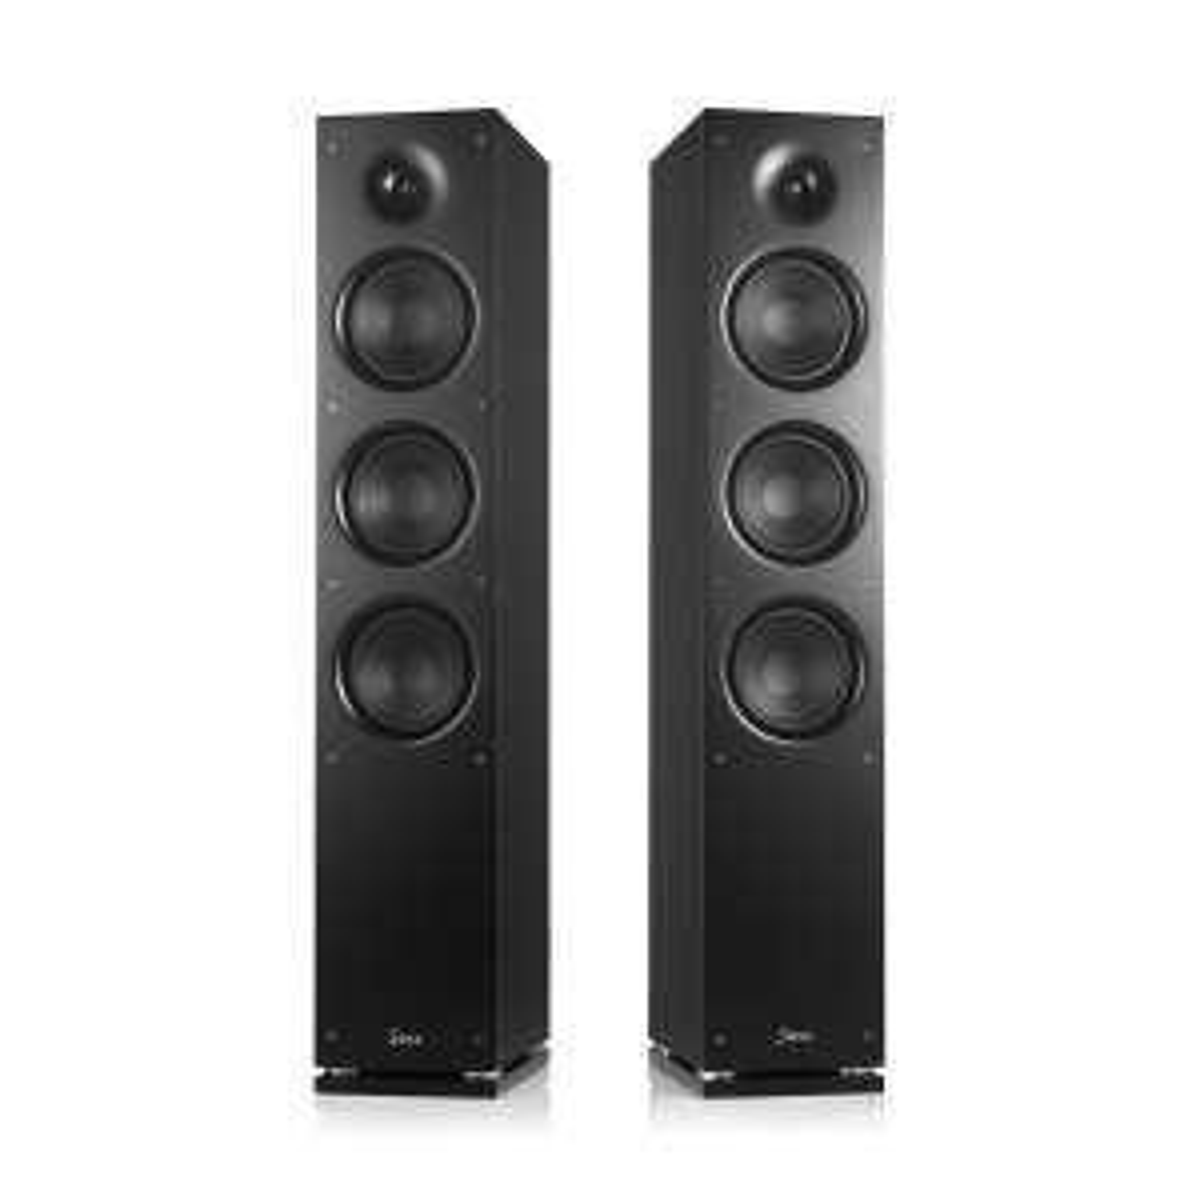 (SOMMERAKTION BEI SAXX) SAXX Lautsprecher clearSOUND CS190 in schwarz 299 €, CS130 für 169 €, ohne VSK